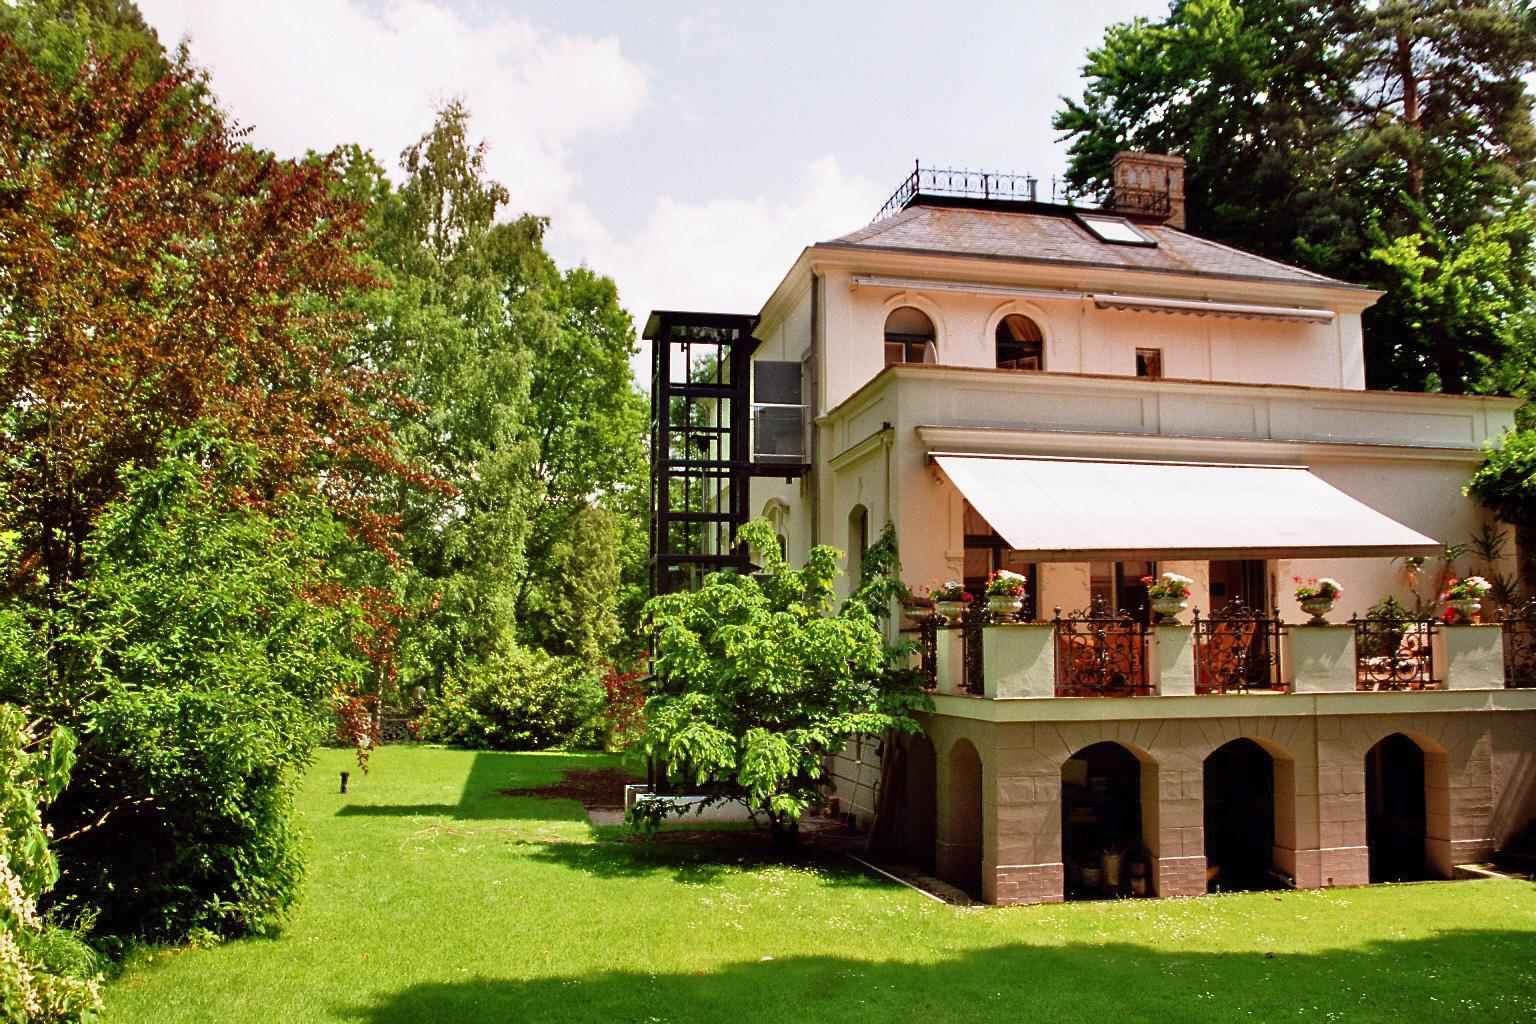 Eine alte stilvolle Villa hat einen Außenaufzug aus Glas bekommen